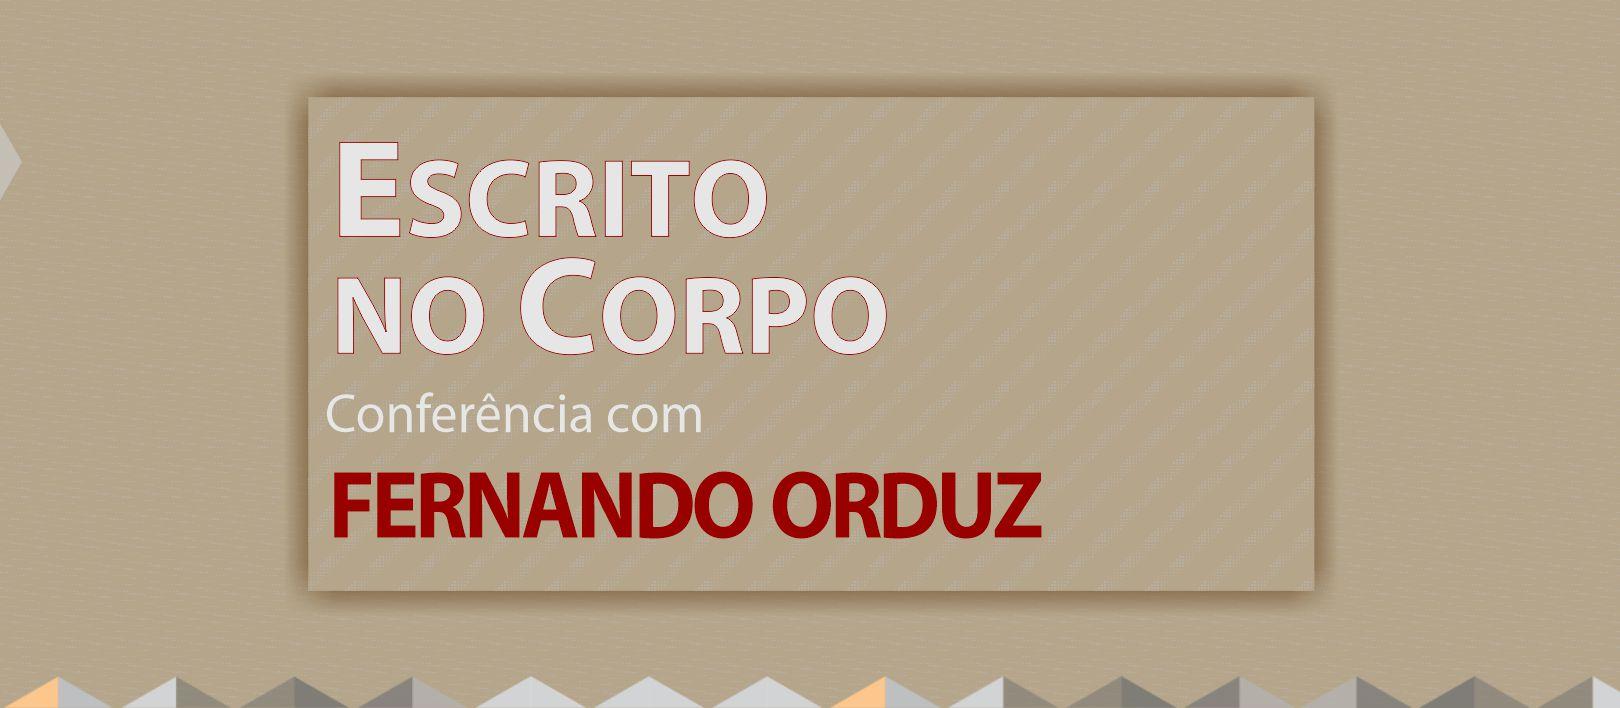 Conferência com Fernando Orduz